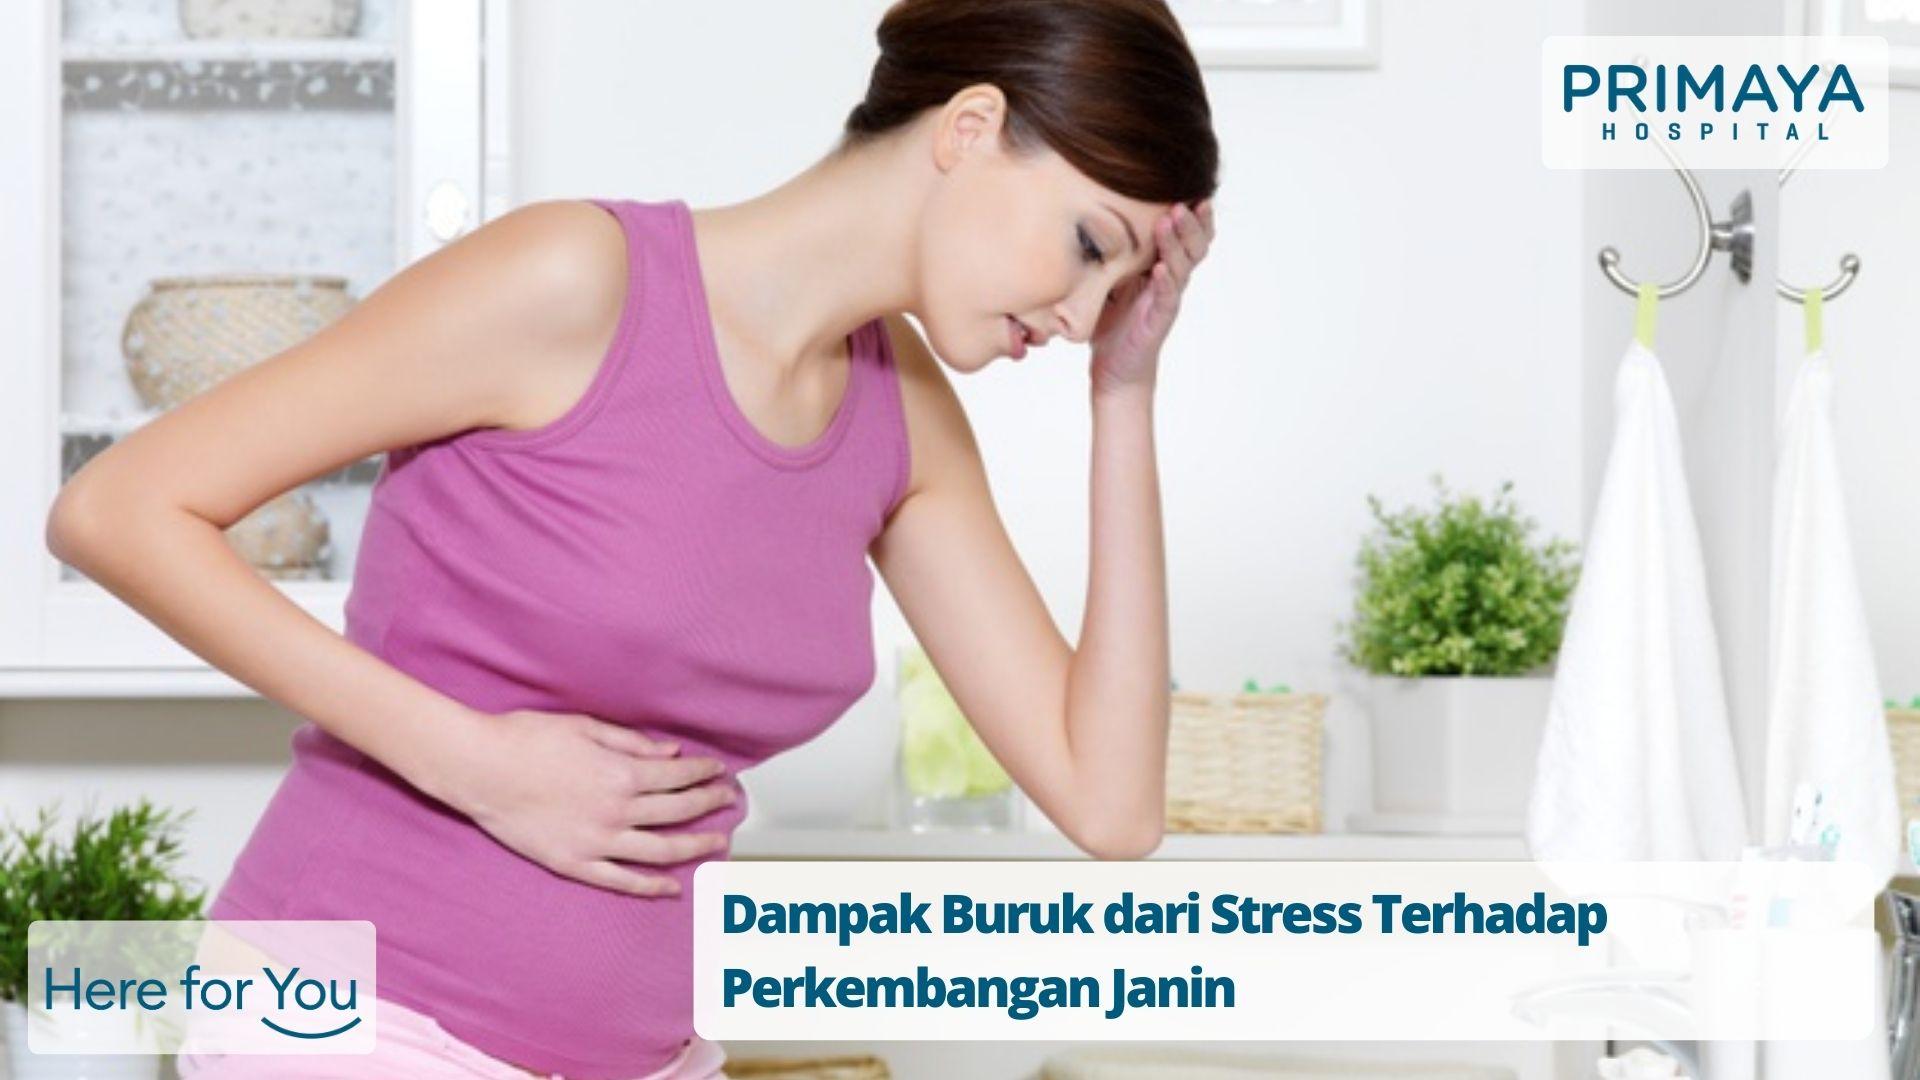 Dampak Buruk dari Stress Terhadap Perkembangan Janin